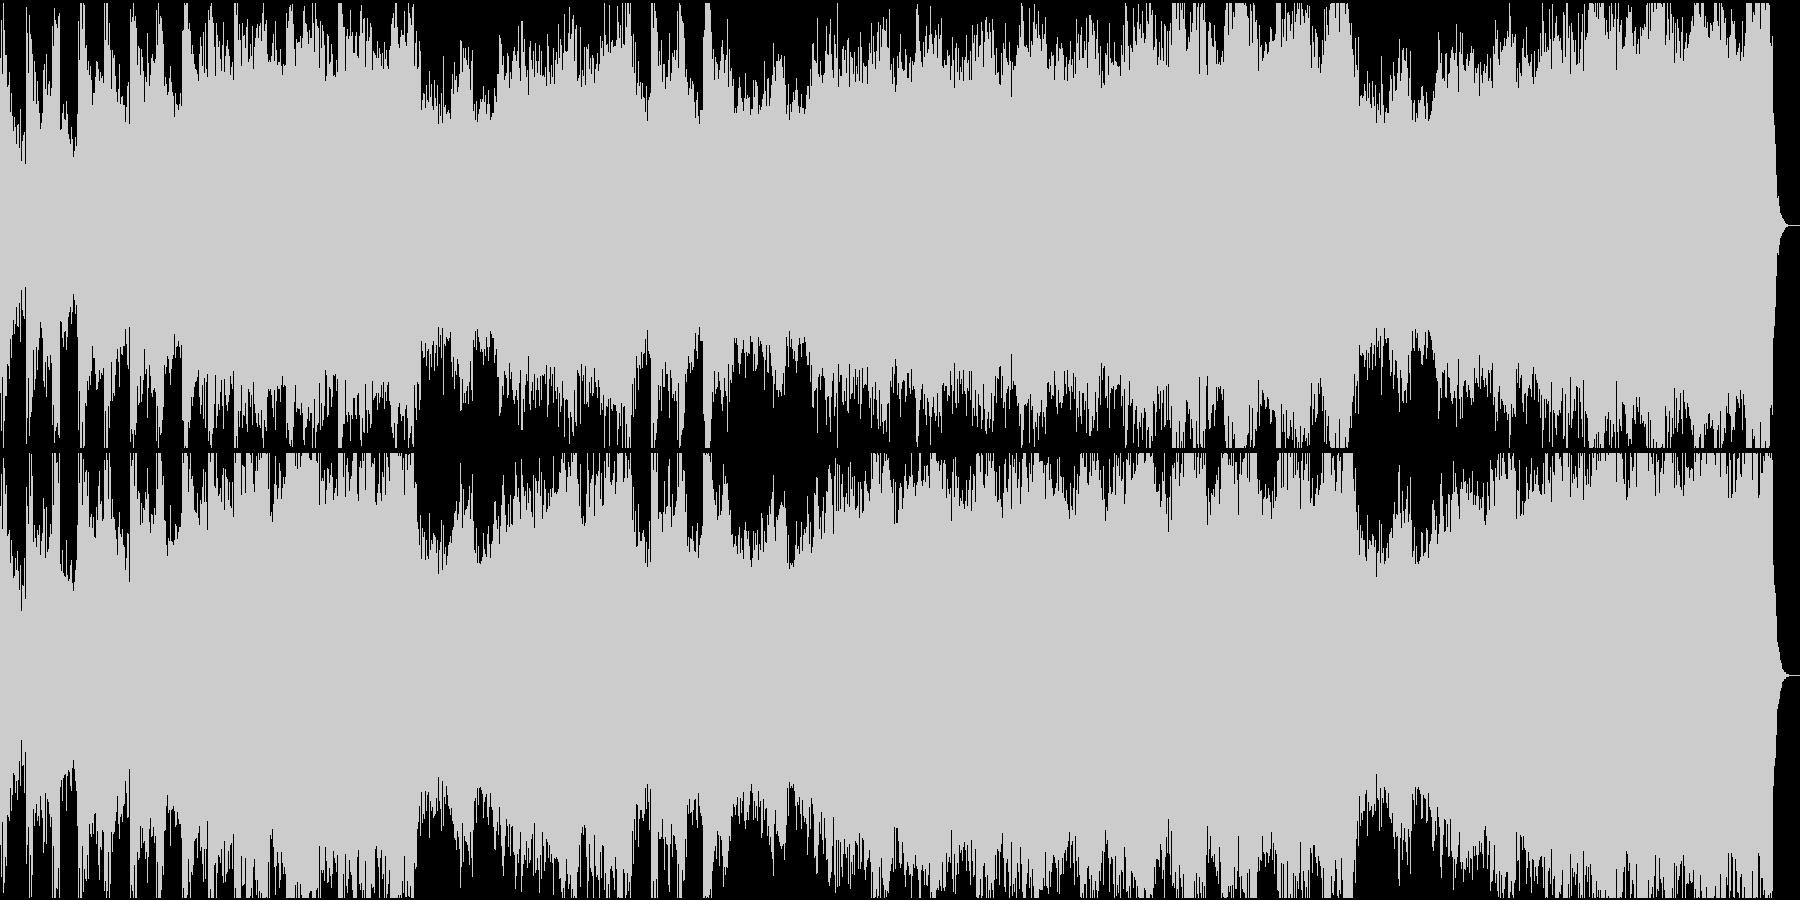 機械的な音で構成したテクノロックの未再生の波形